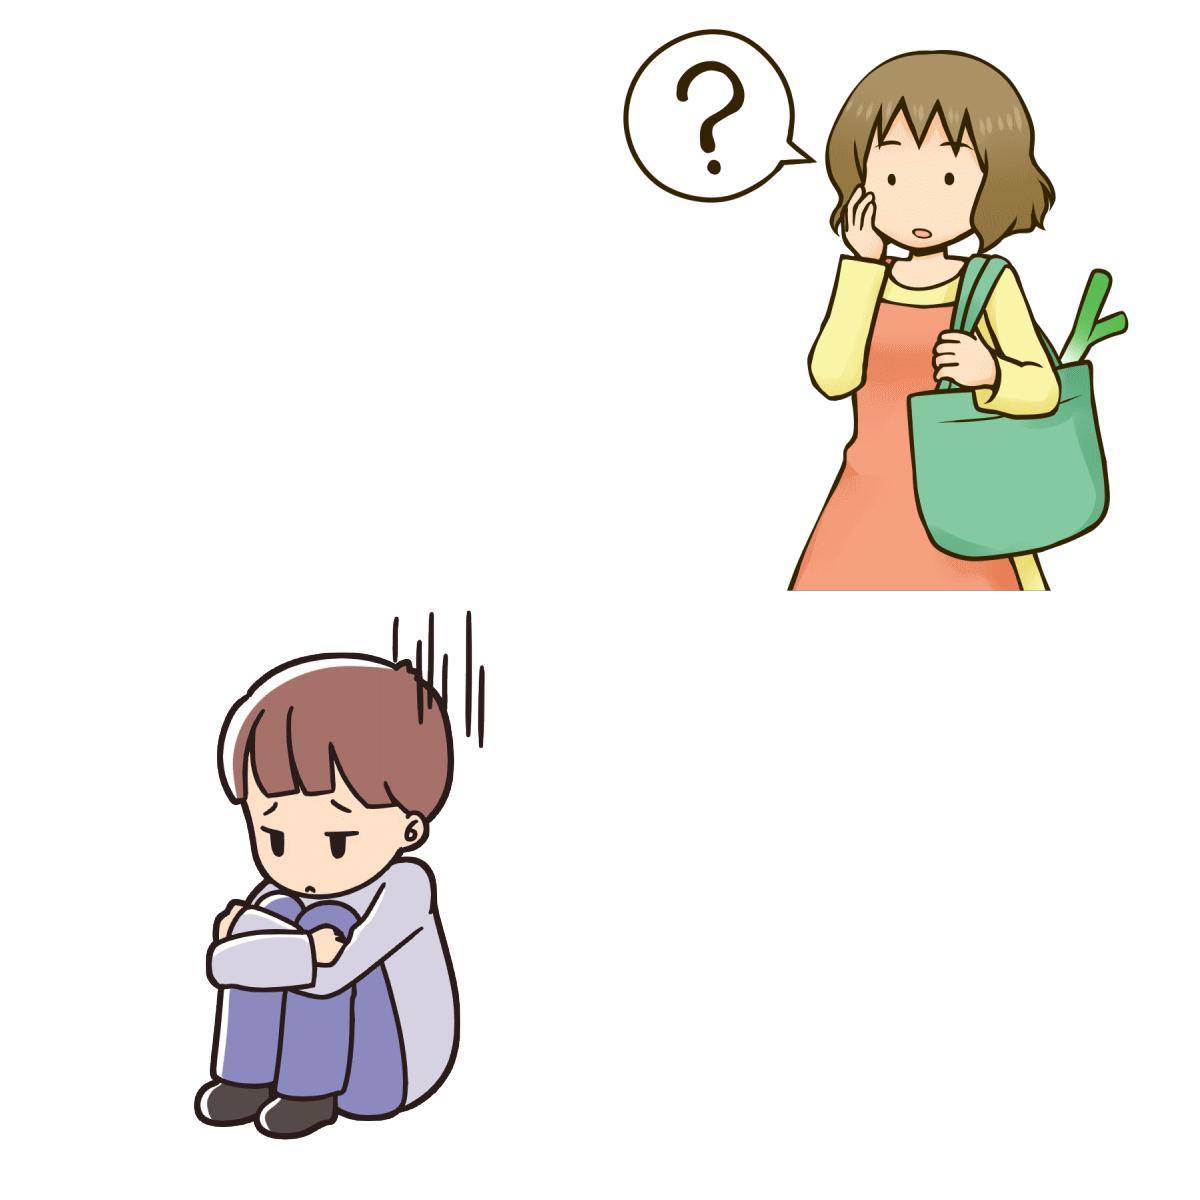 落ち込んでいる子供と見守っている母親のイラスト